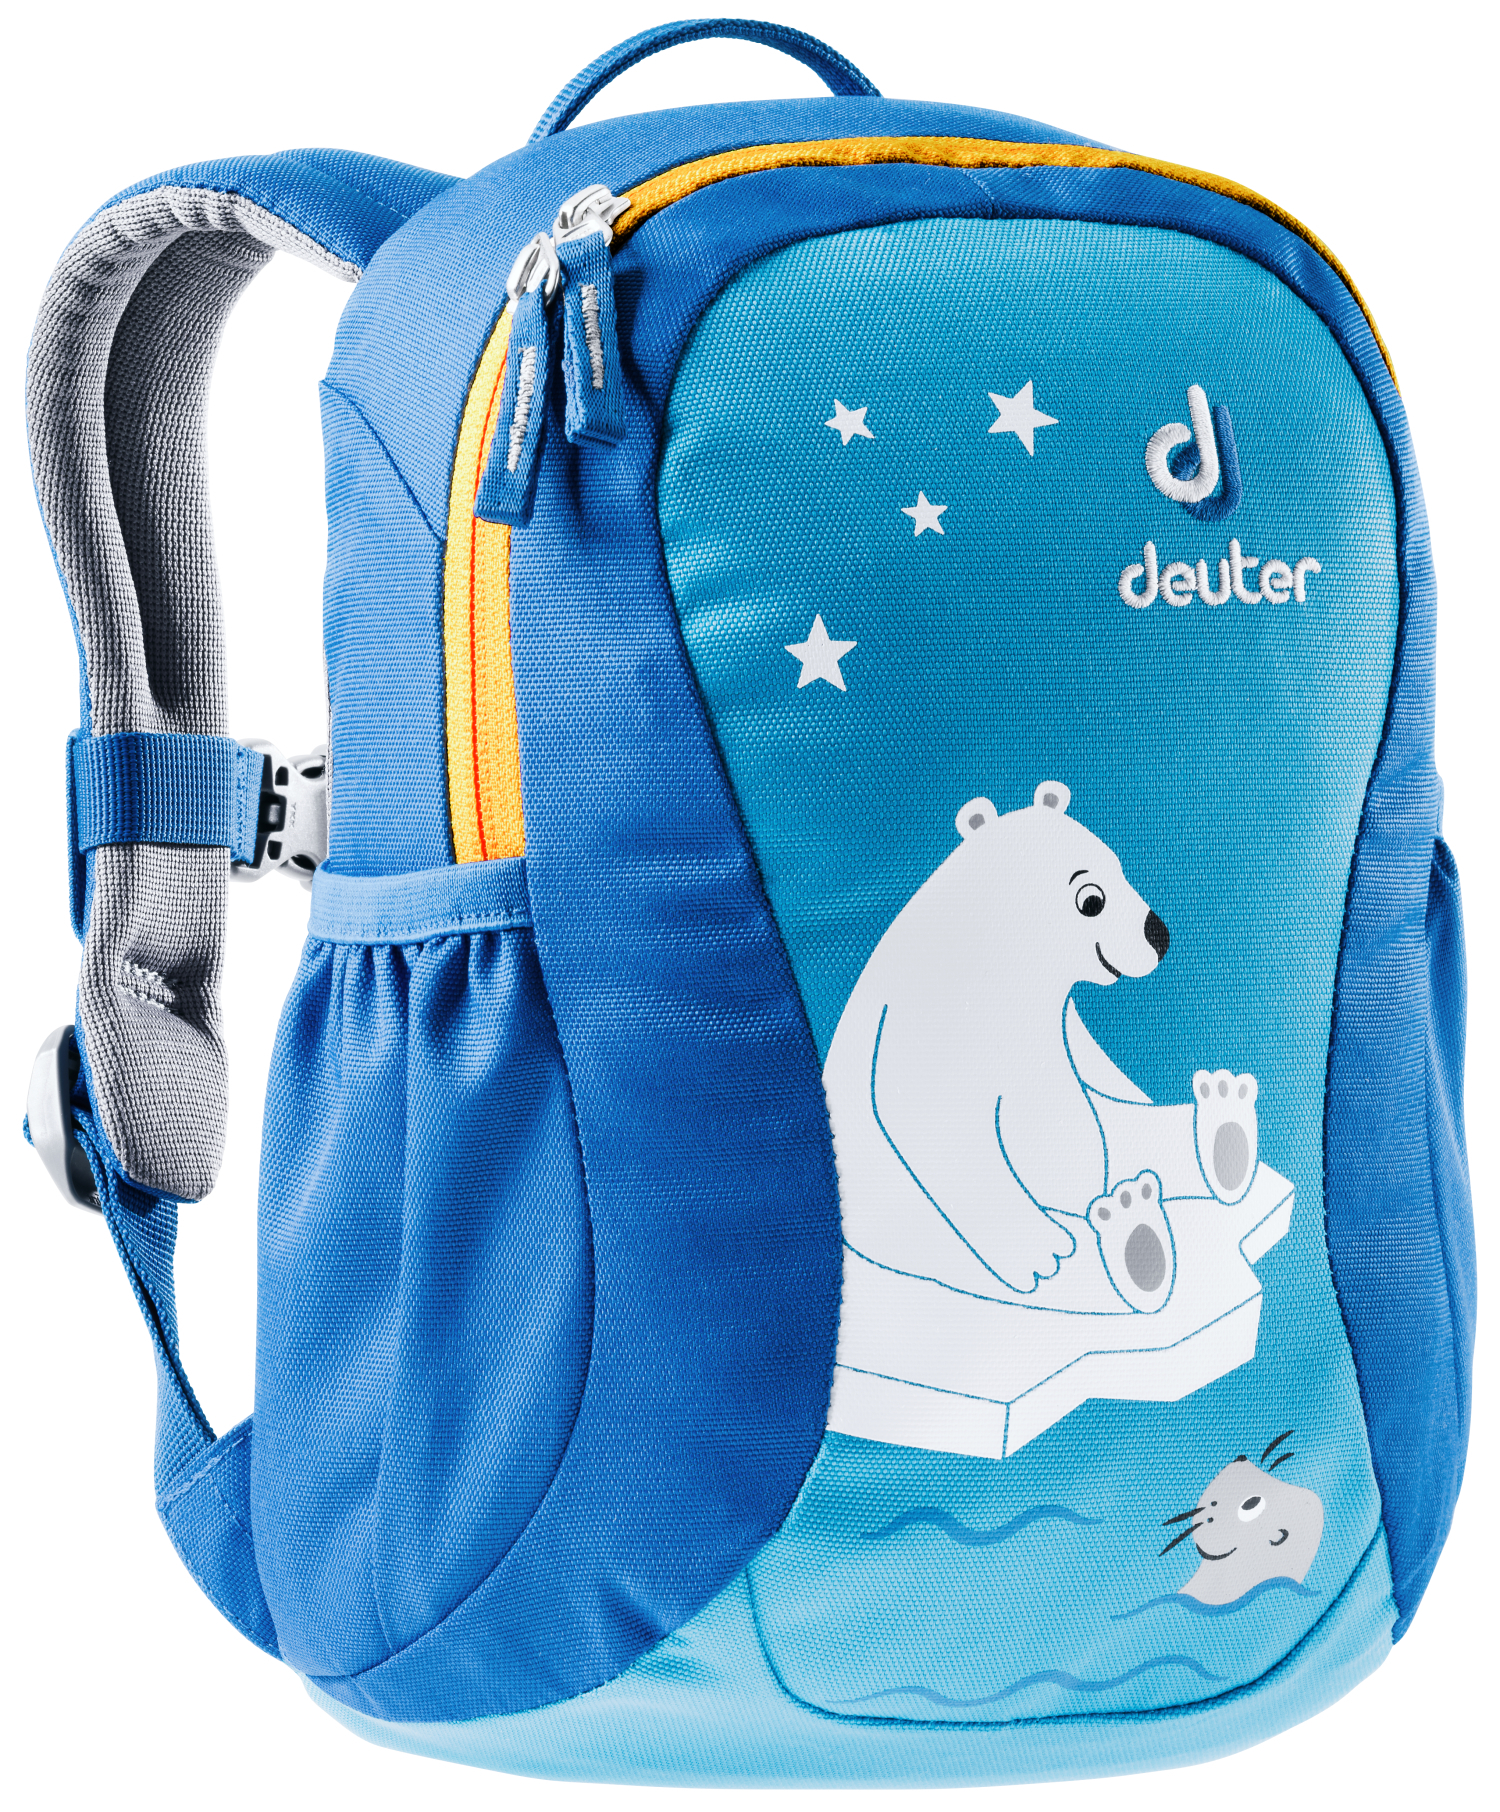 Для детей Рюкзак детский Deuter Pico 36043-1324-Pico-w20-d0.jpg